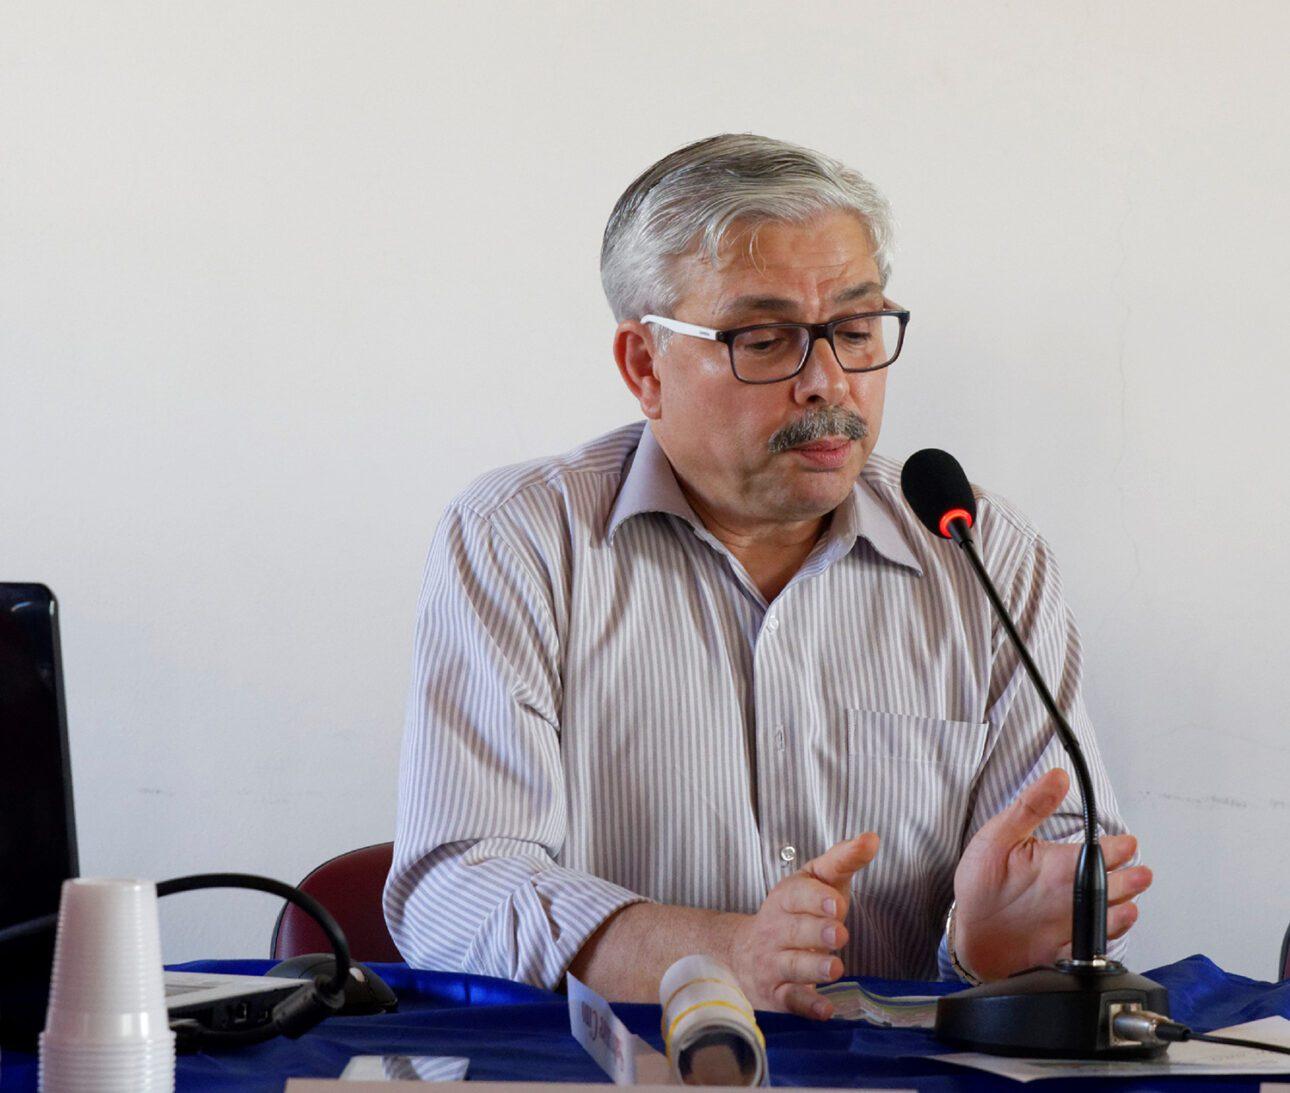 STEFANO VITELLO SCRIVE AL PRESIDENTE MATTARELLA: UMANIZZARE IL SERVIZIO  SANITARIO NAZIONALE - LA VOCE DEL NISSENO